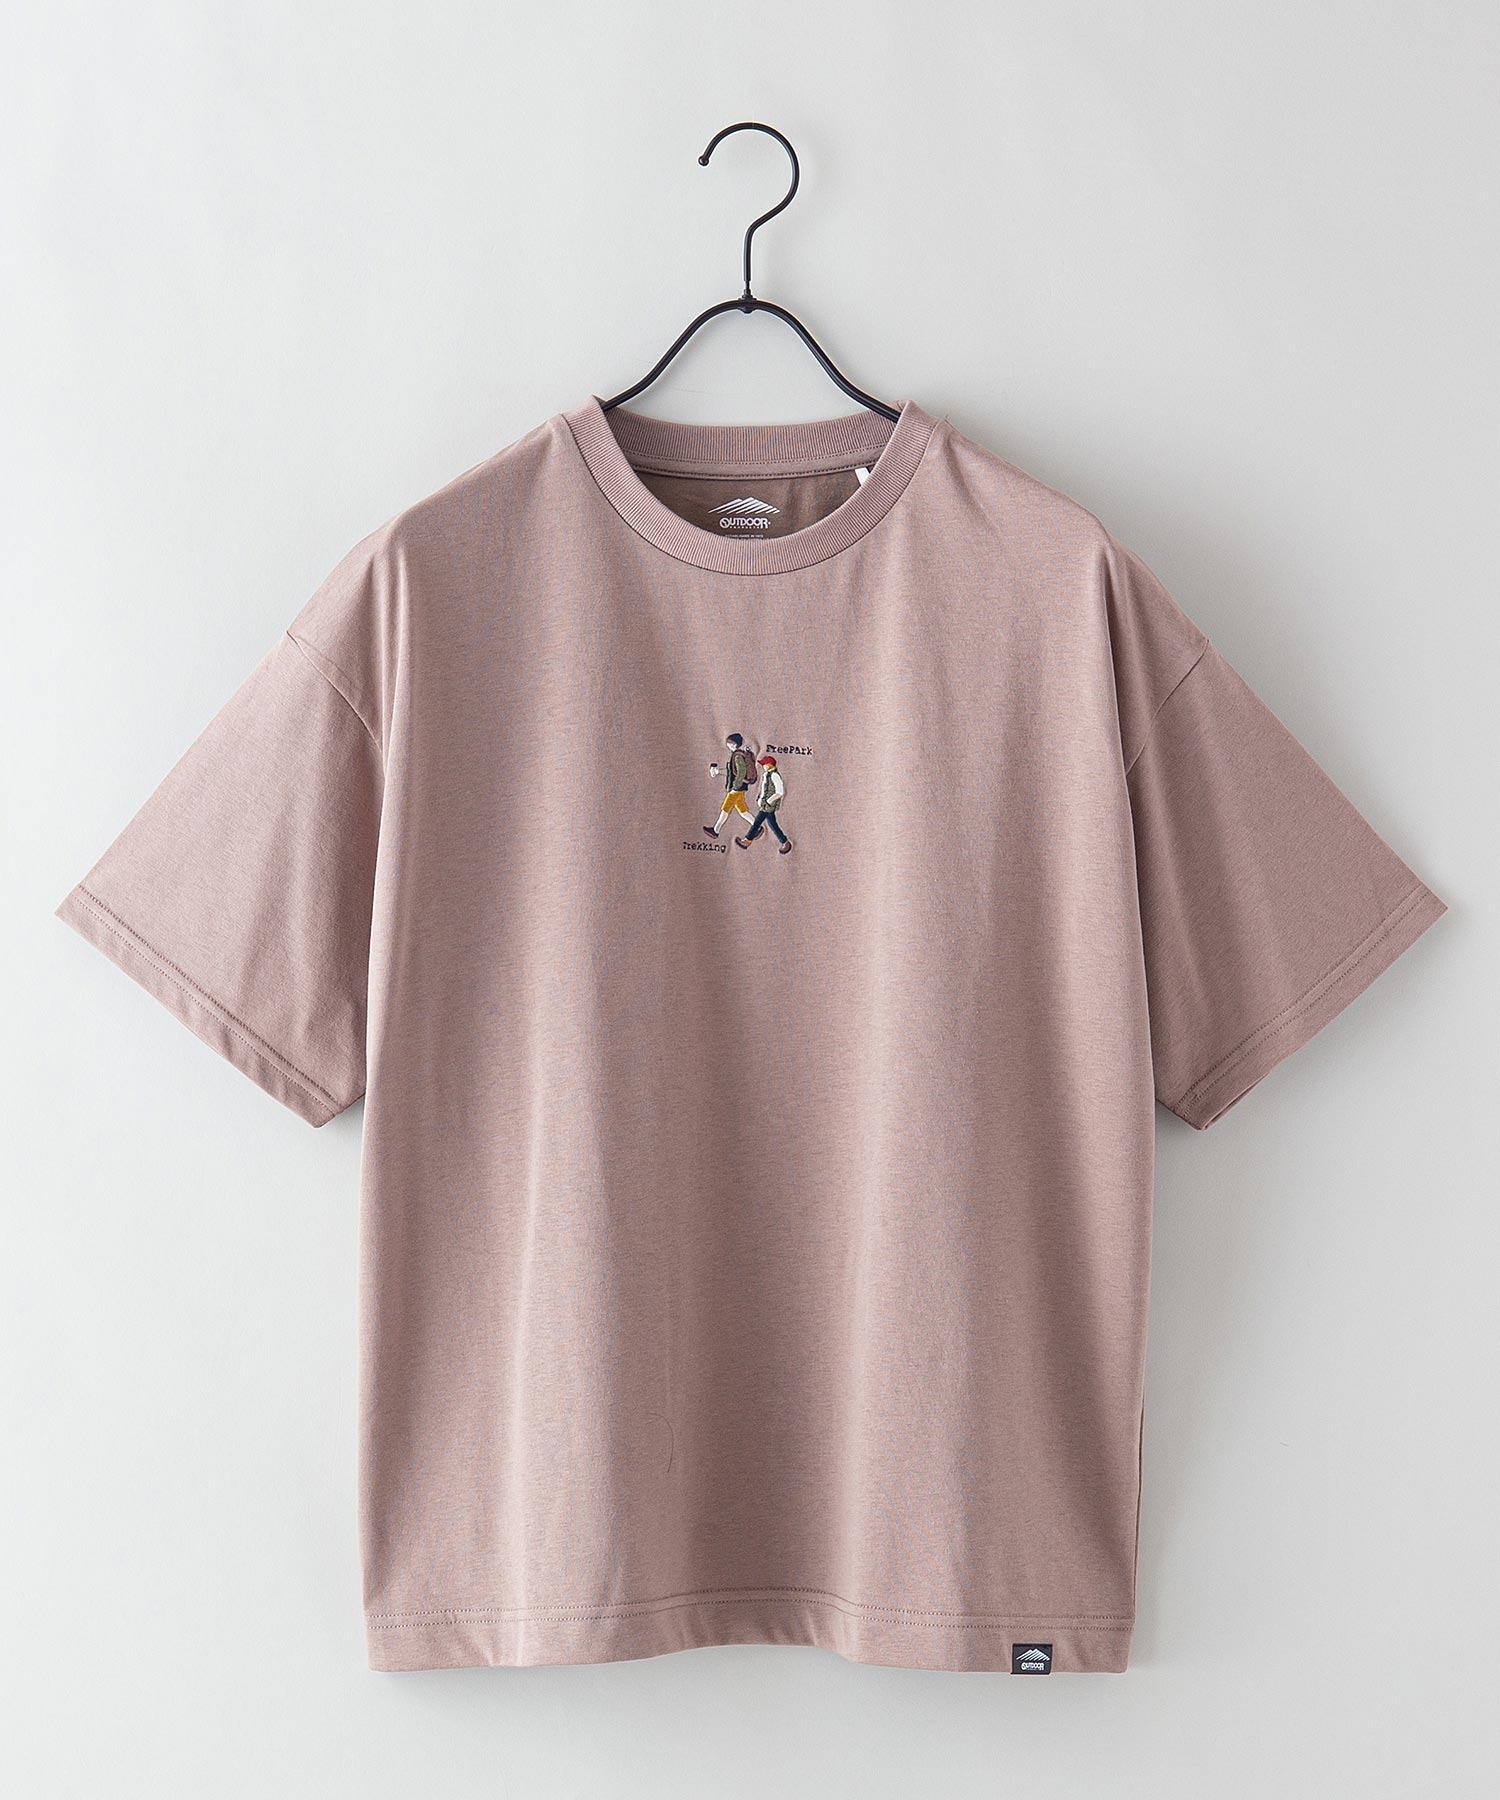 DRY(速乾機能)ビッグシルエット刺繍プリントTシャツ